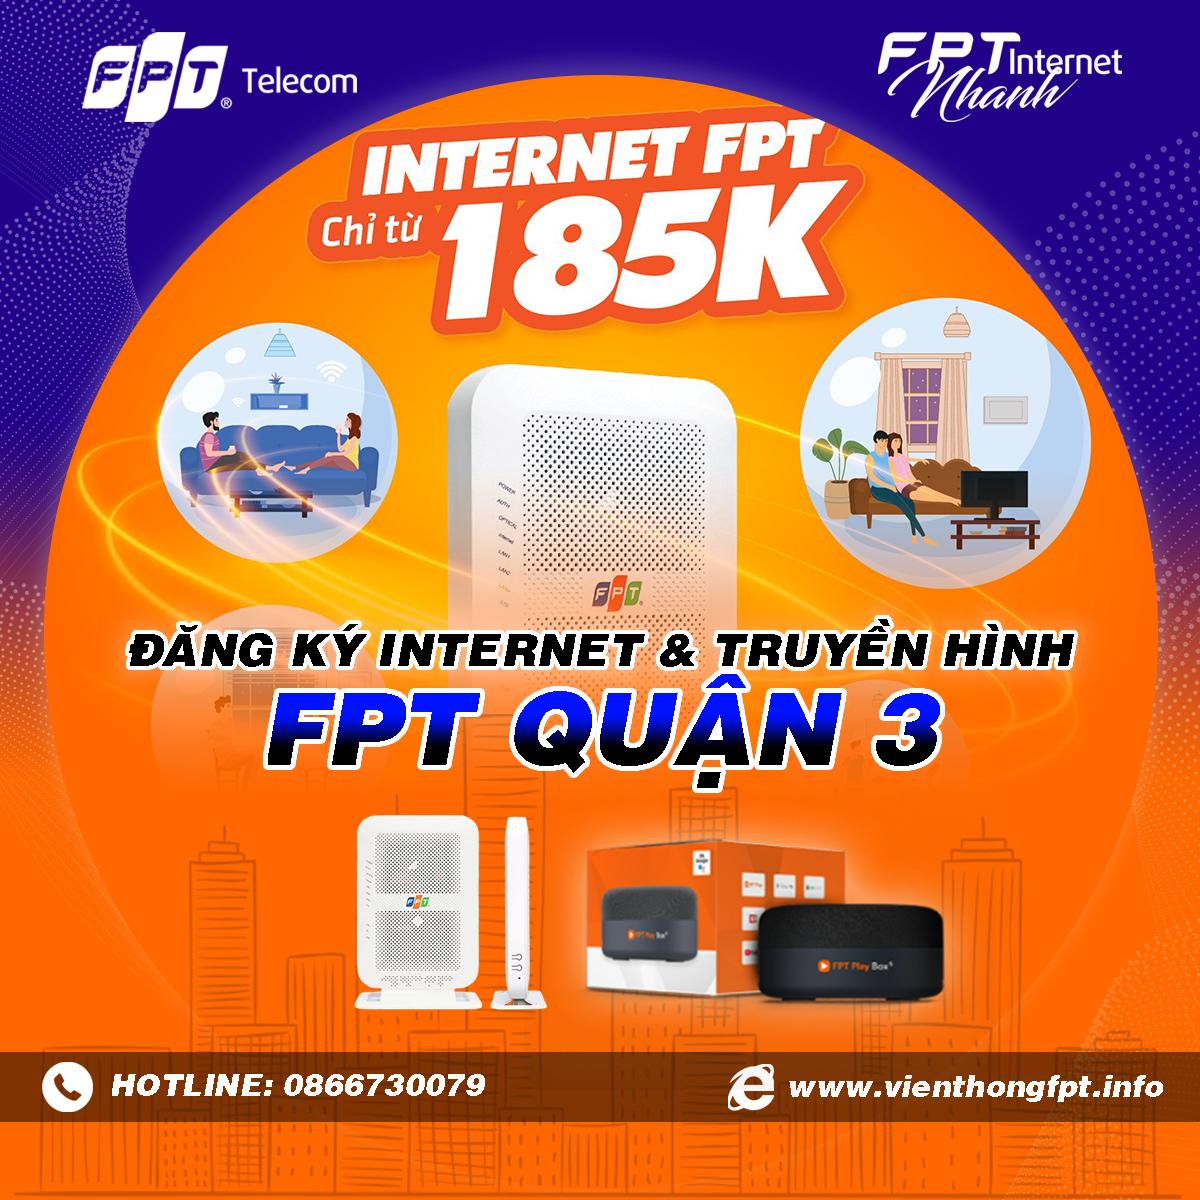 Chi nhánh FPT Quận 3 - Tổng đài lắp mạng Internet và Truyền hình FPT